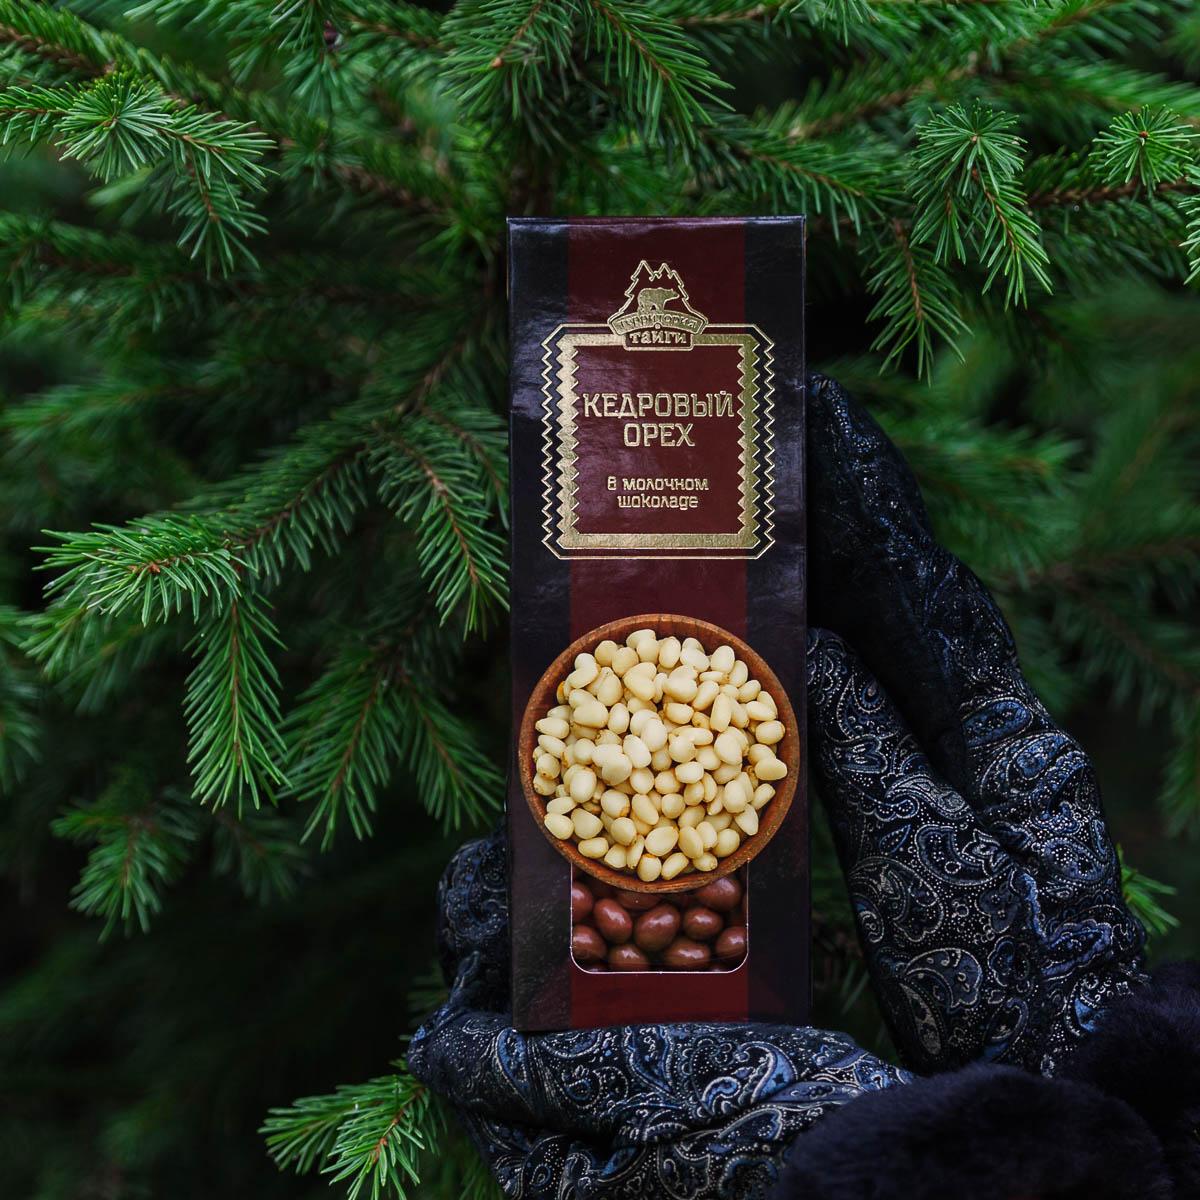 Кедровый орех в молочном шоколаде 100 гр